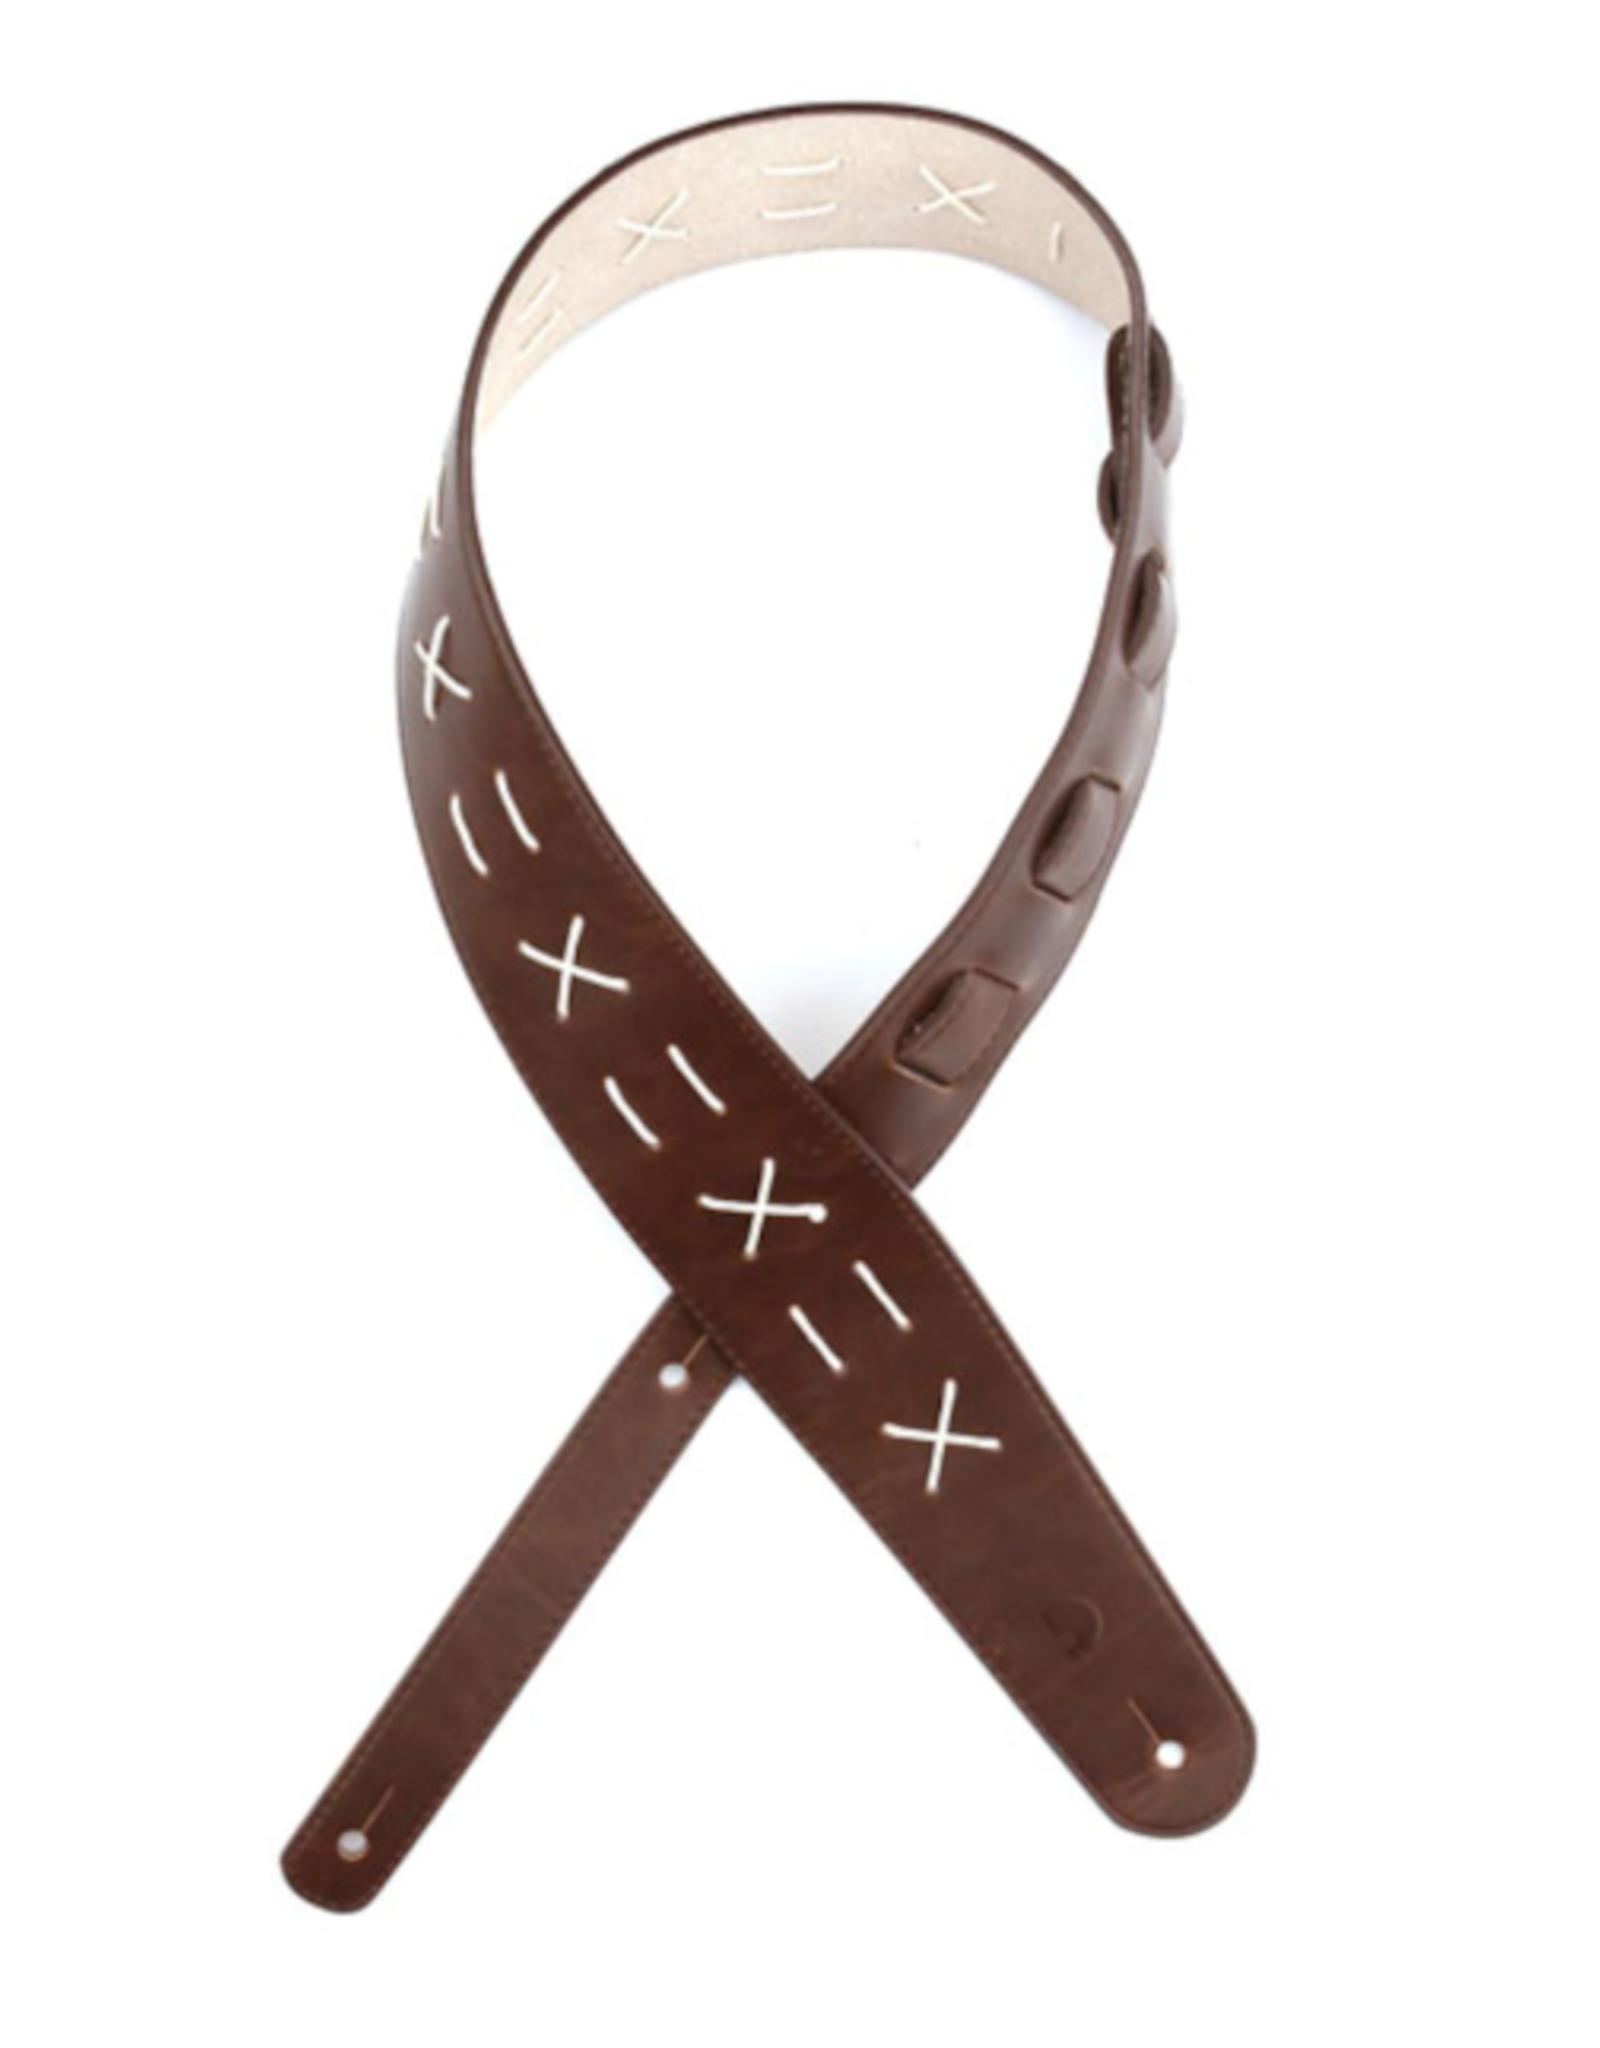 D'Addario D'Addario Leather Guitar Strap, Decorative Stitch